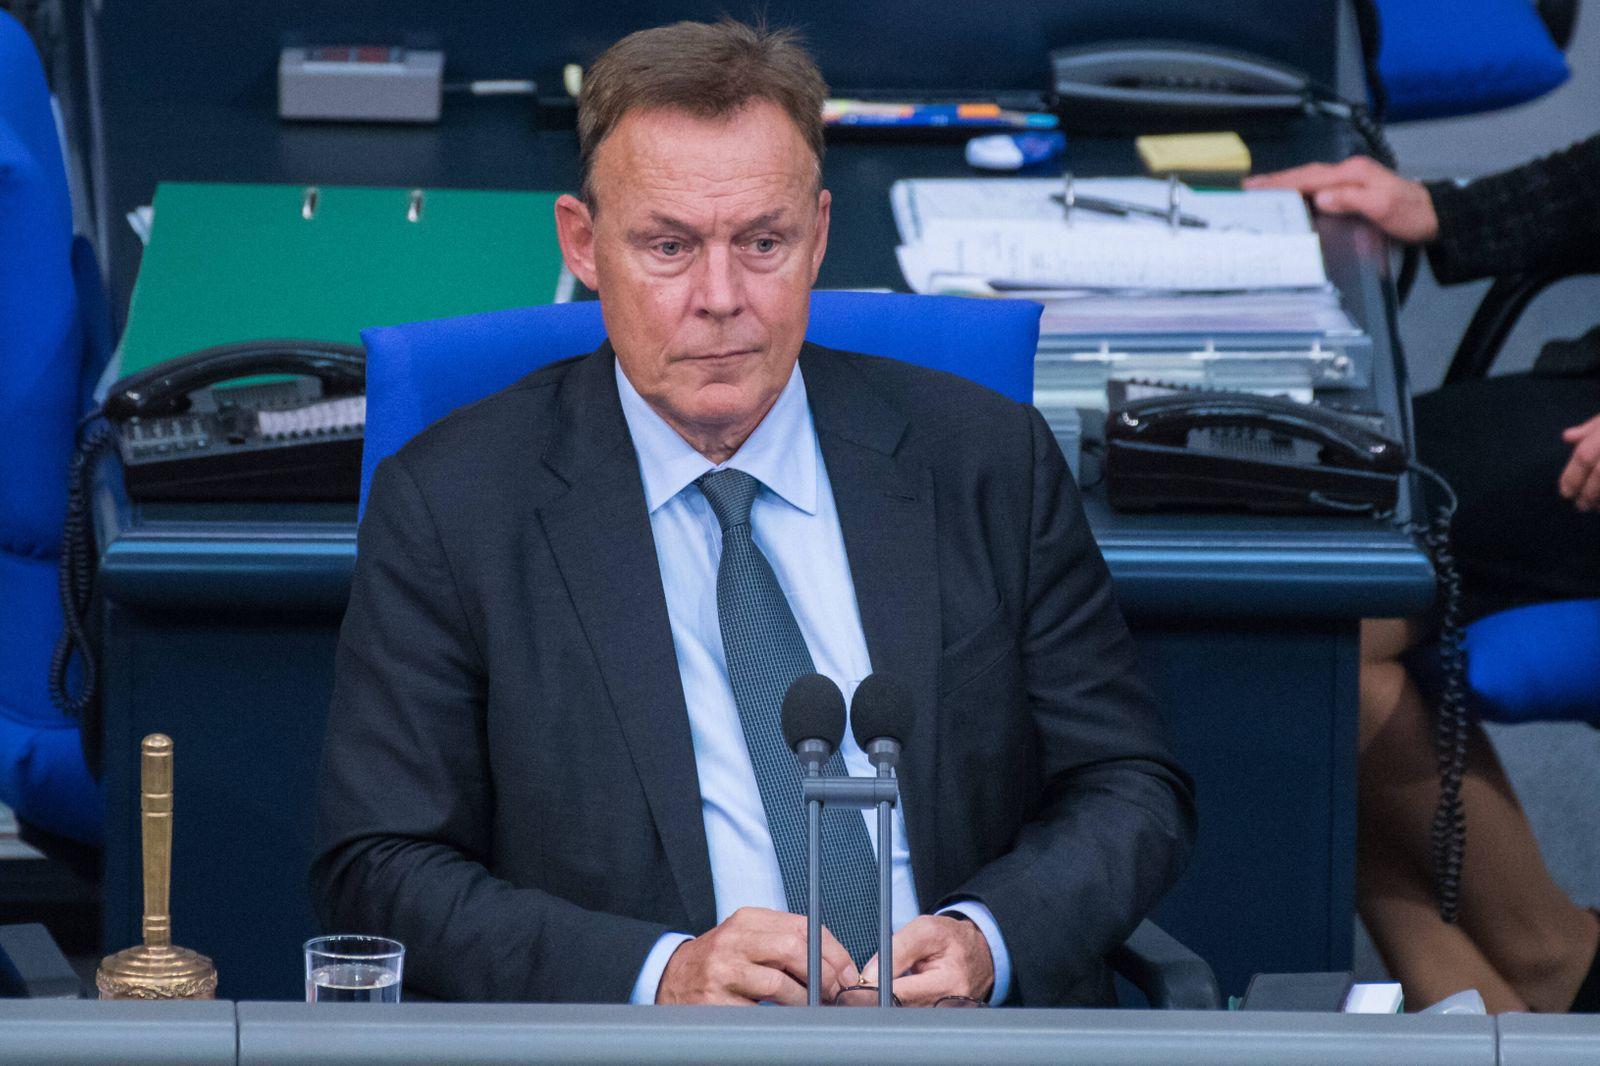 Berlin, Plenarsitzung im Bundestag Deutschland, Berlin - 02.10.2020: Im Bild ist Thomas Oppermann (Vizepräsident, Deuts